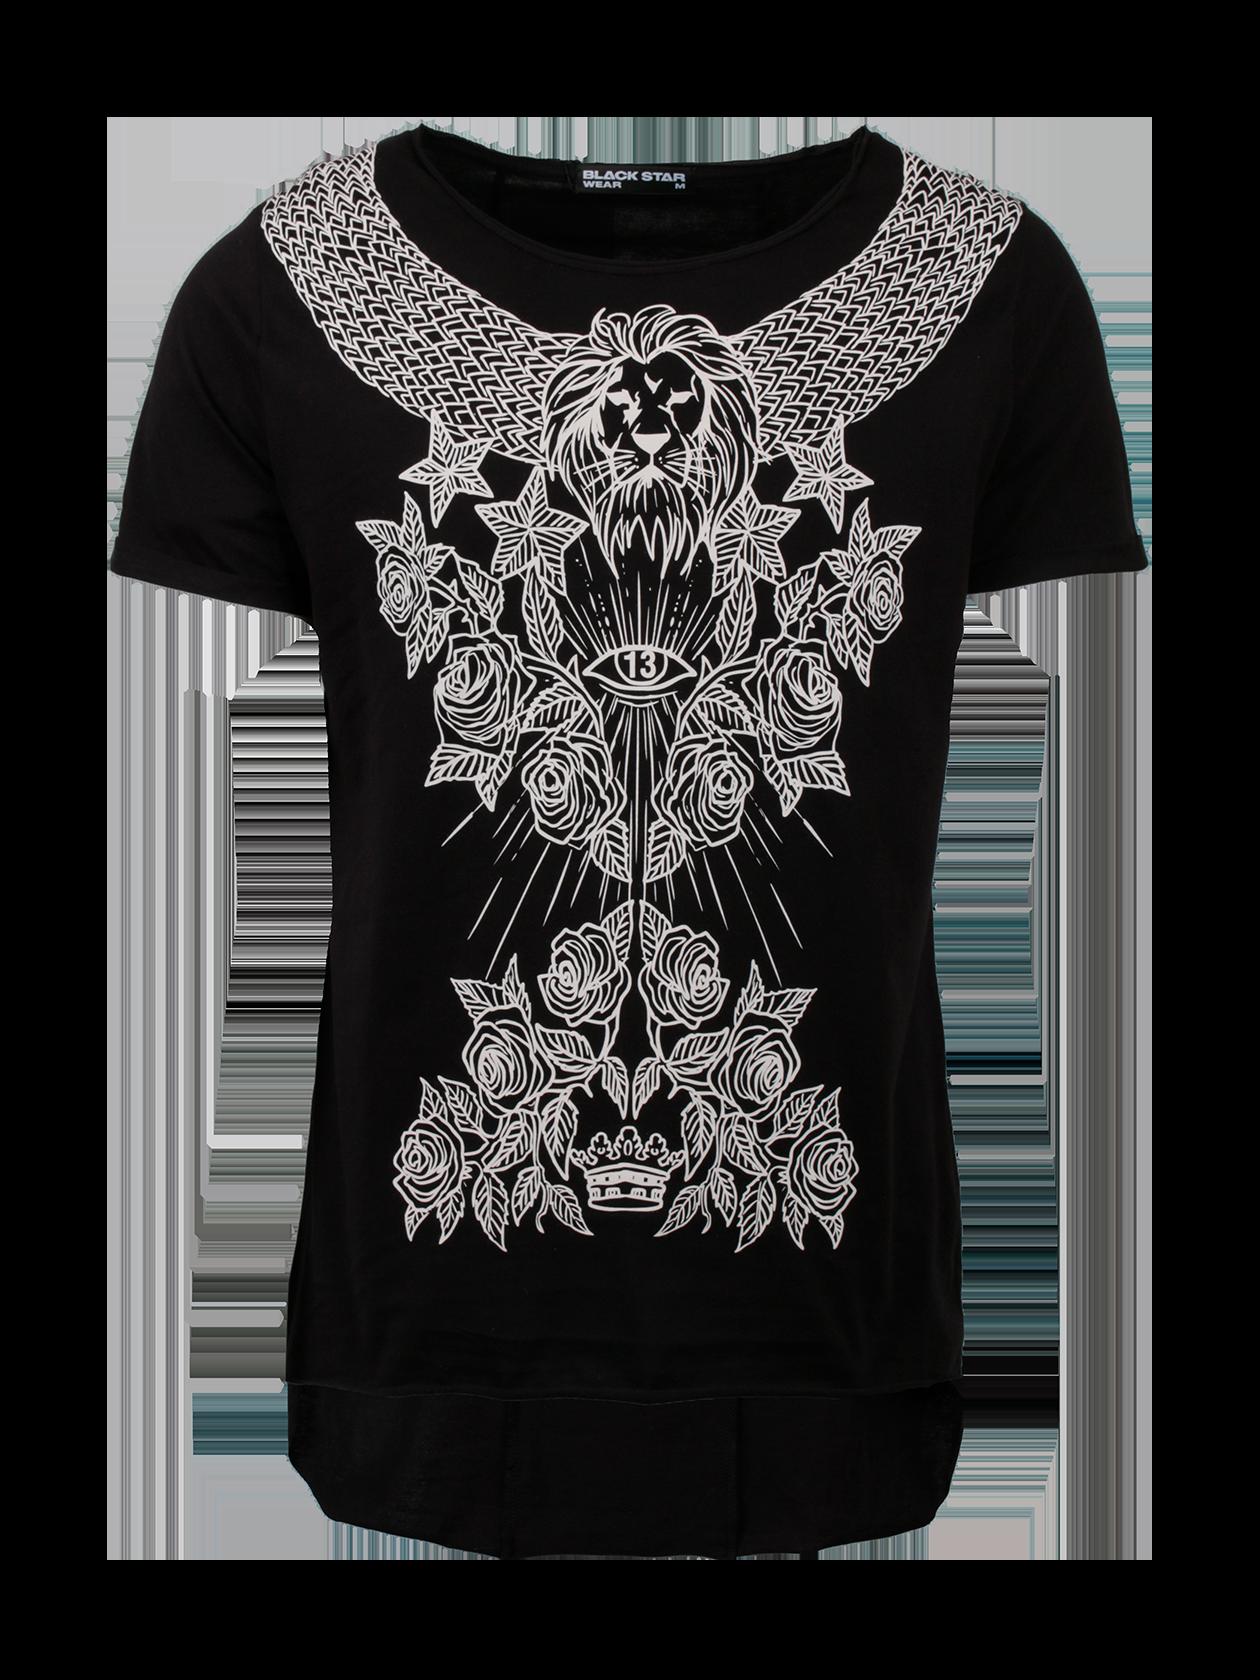 Футболка мужская PATTERN BLACK STARЧерная футболка мужская Pattern Black Star превратит обычный образ на каждый день в стильный лук. Удлиненная модель прямого свободного кроя с коротким рукавом. Горловина с вырезом средней глубины, внутри по спинке оформлен жаккардовый логотип бренда Black Star Wear. Передняя часть декорирована эффектным принтом с цветочным узором, орнаментом, головой льва, звездами и короной. Футболка изготовлена из высококачественного хлопка с дышащей структурой, подходит для активной и повседневной носки.<br><br>Размер: L<br>Цвет: Черный<br>Пол: Мужской